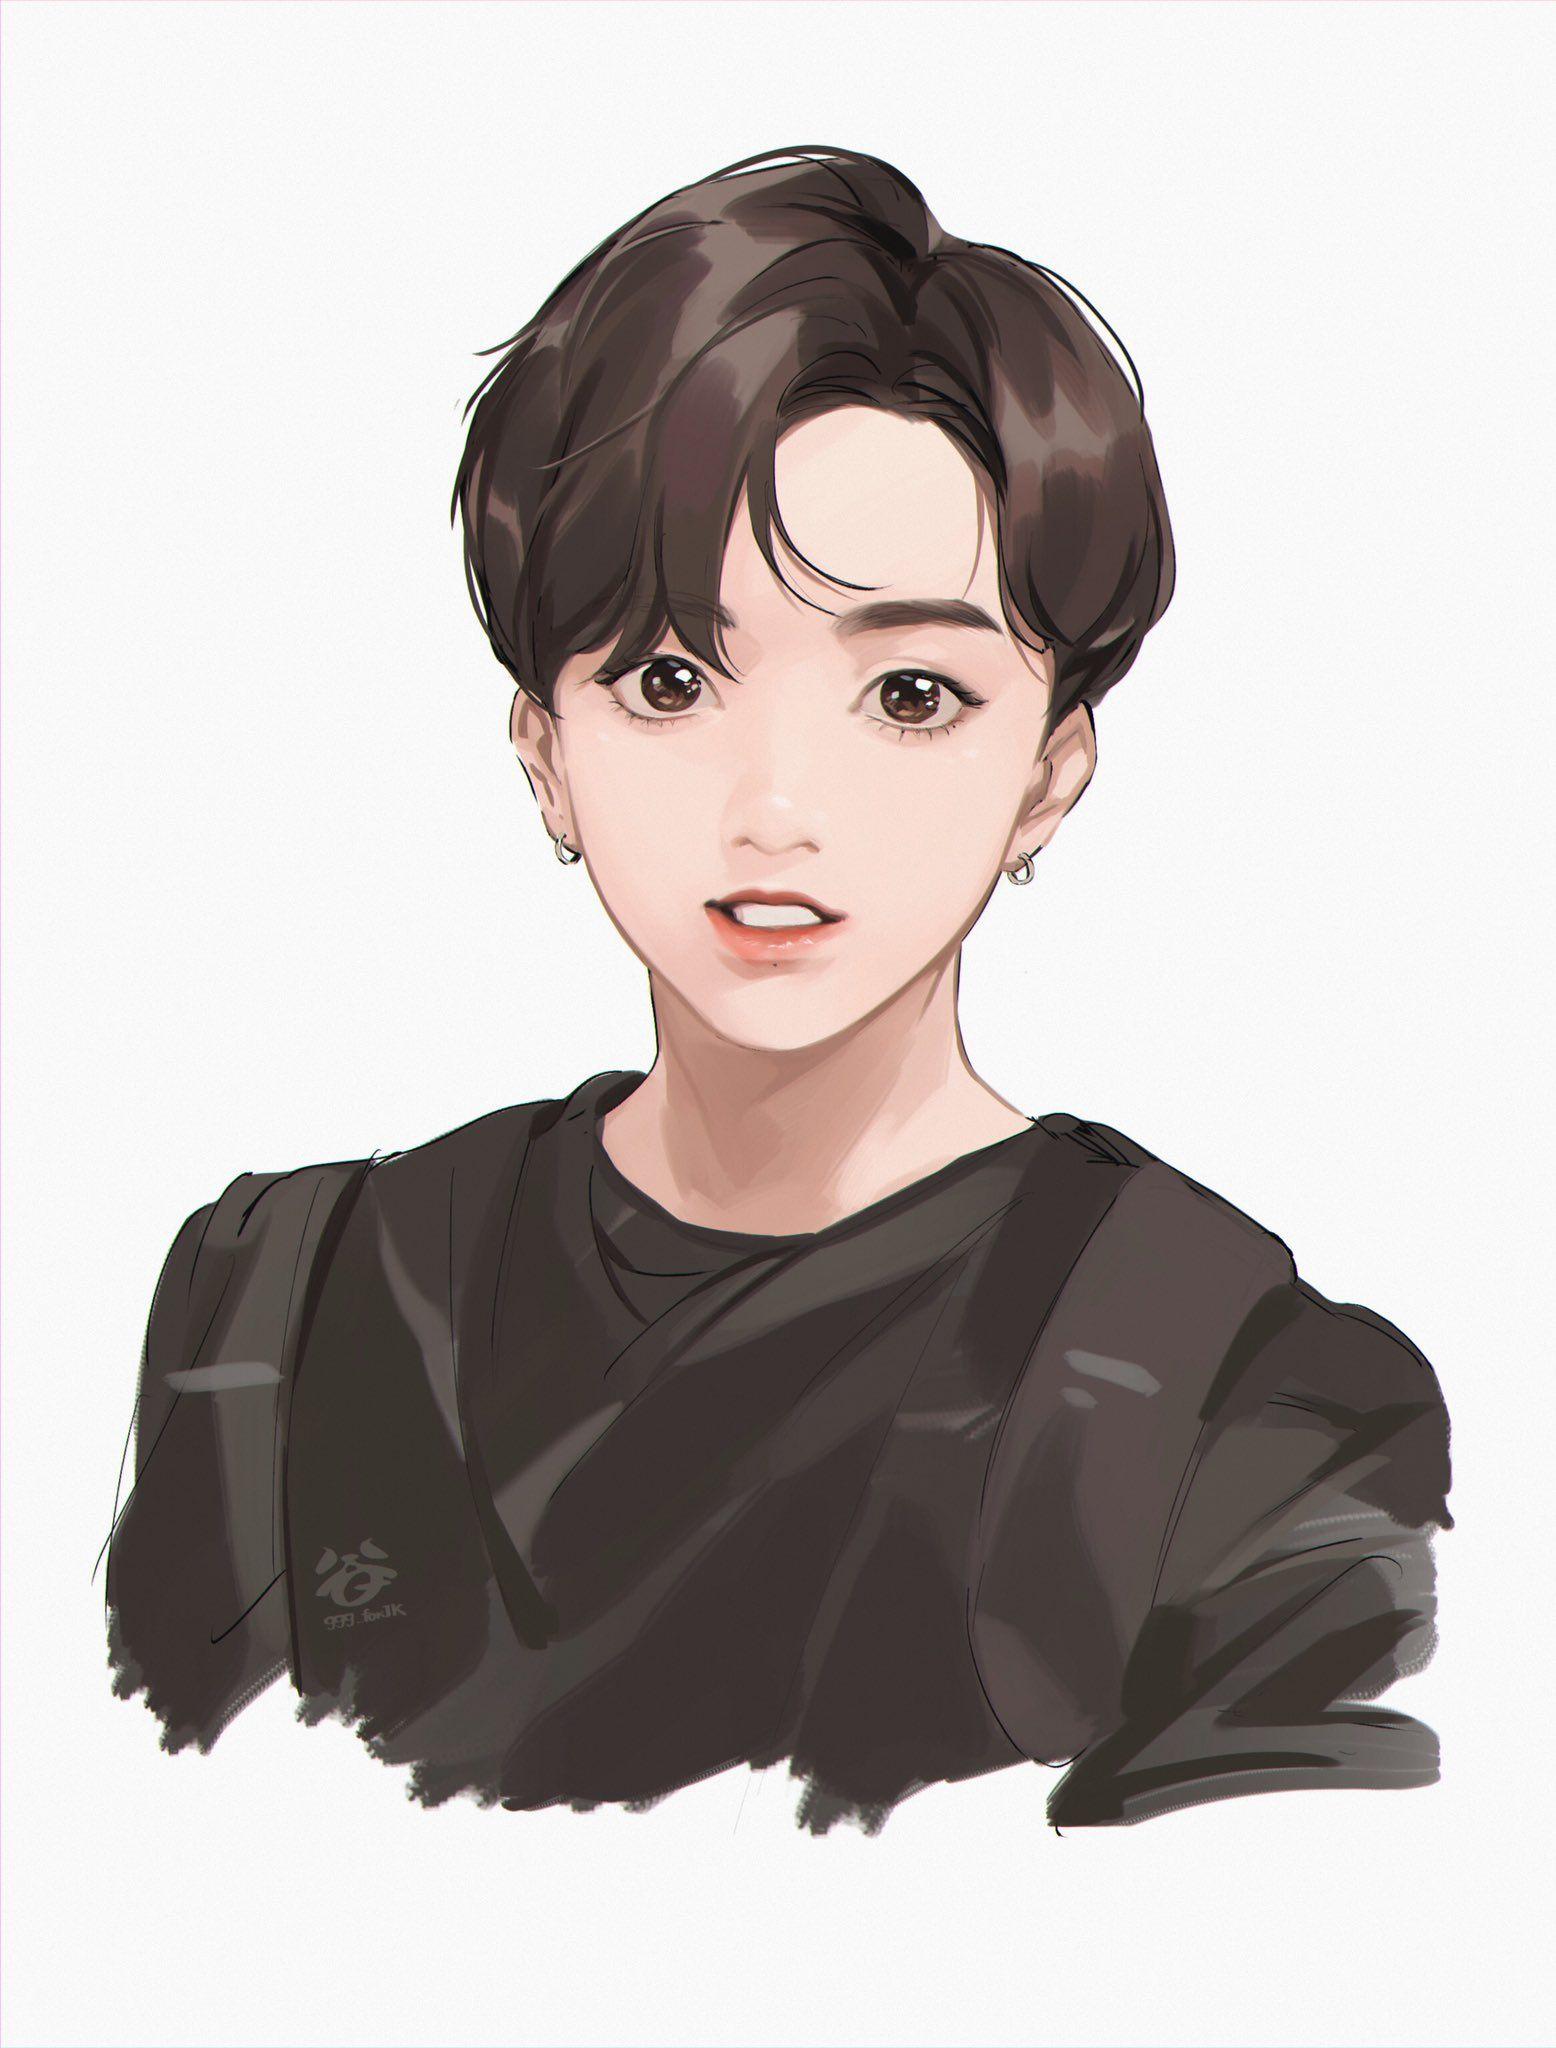 紺 on Jungkook fanart, Bts chibi, Bts drawings